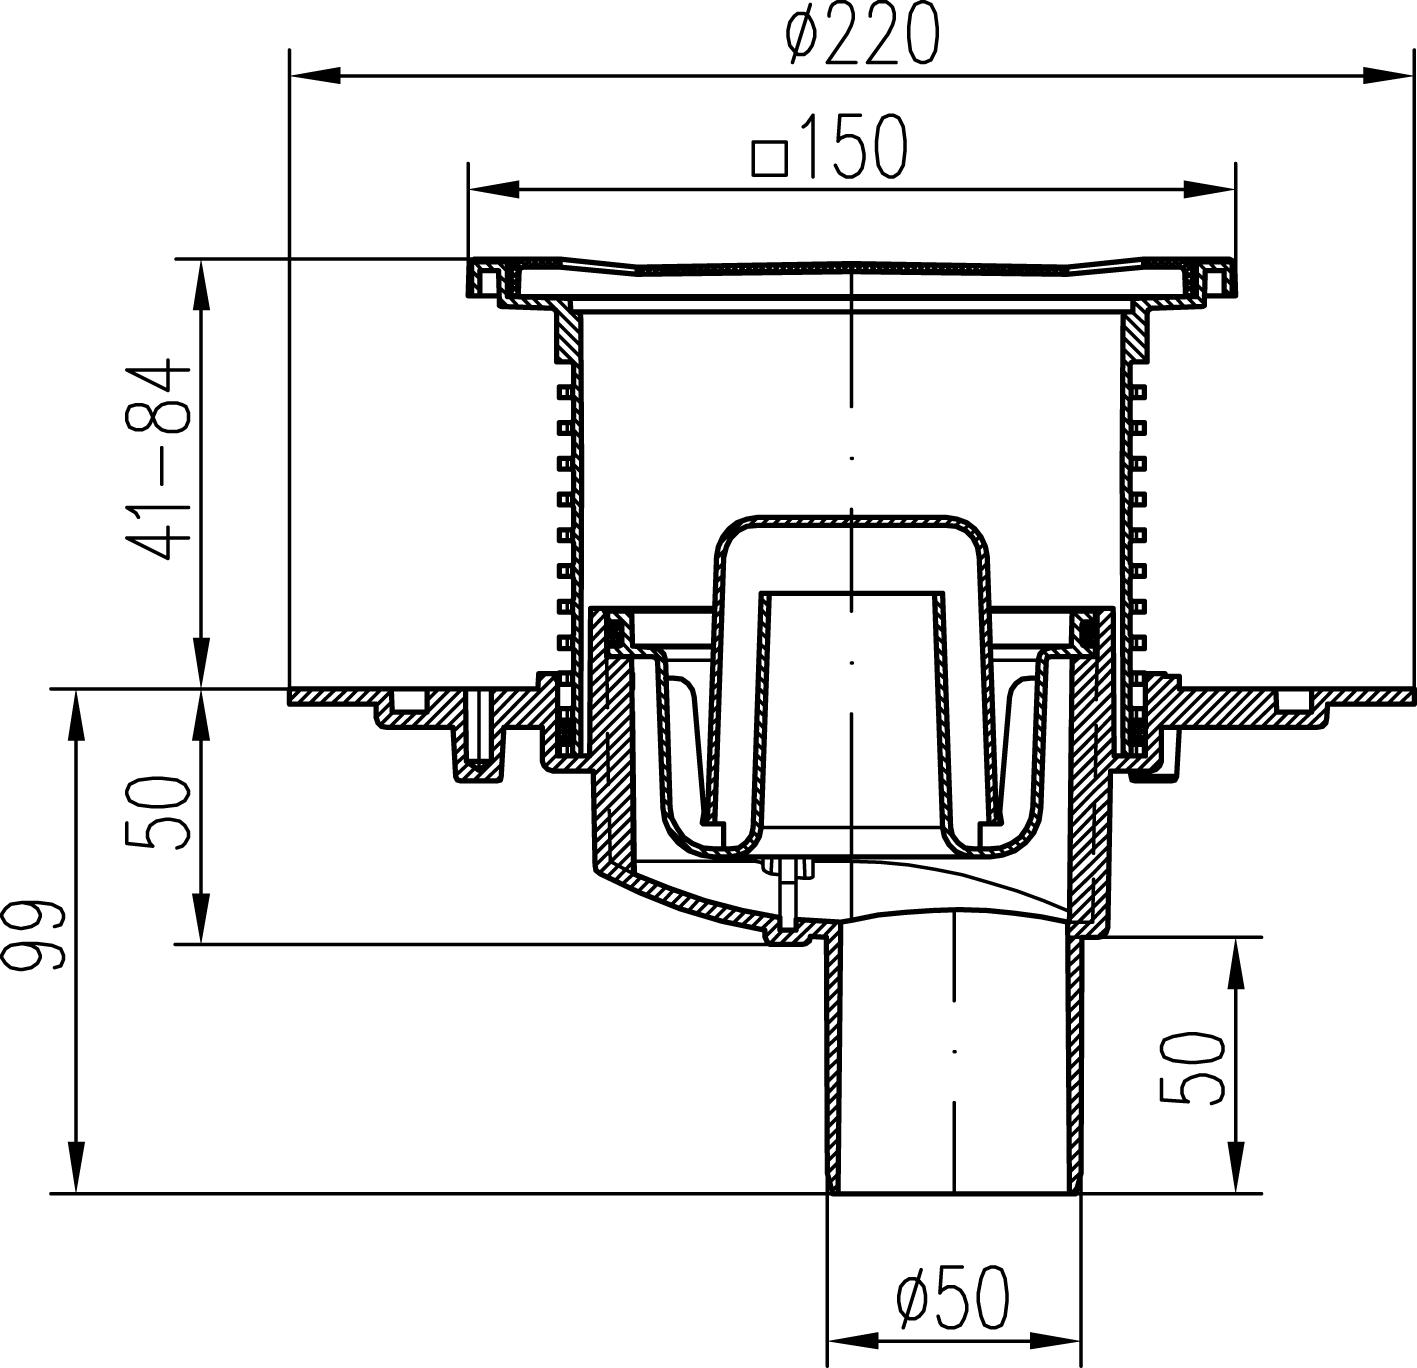 bodenablauf mit siphon r ckstauklappe dn 50 senkrecht 17 60. Black Bedroom Furniture Sets. Home Design Ideas